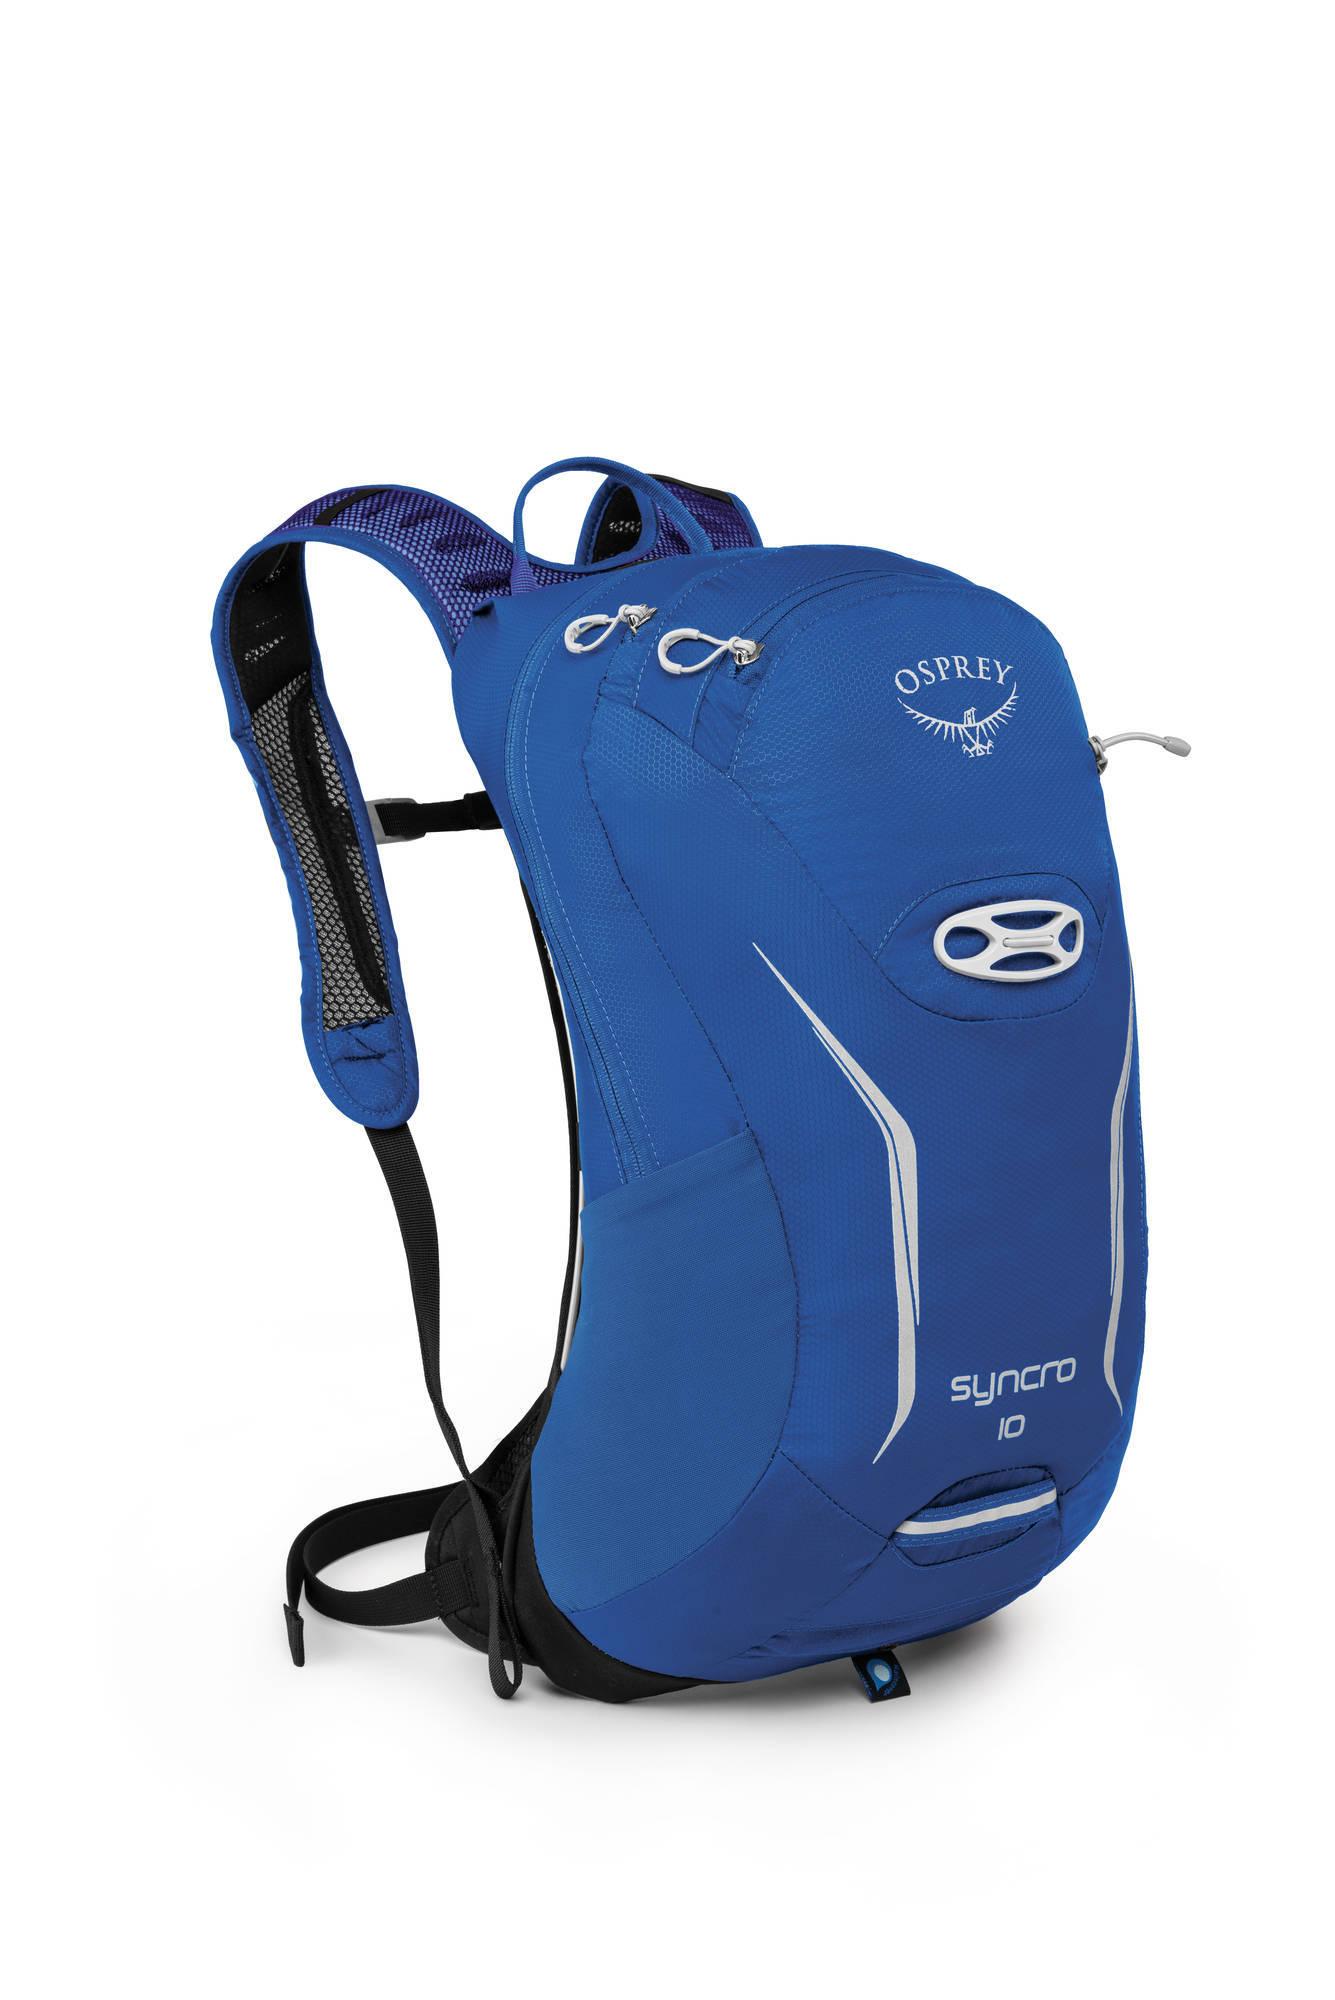 Велорюкзаки Рюкзак Osprey Syncro 10 Blue Racer Syncro_10_Side_Blue_Racer_web.jpg